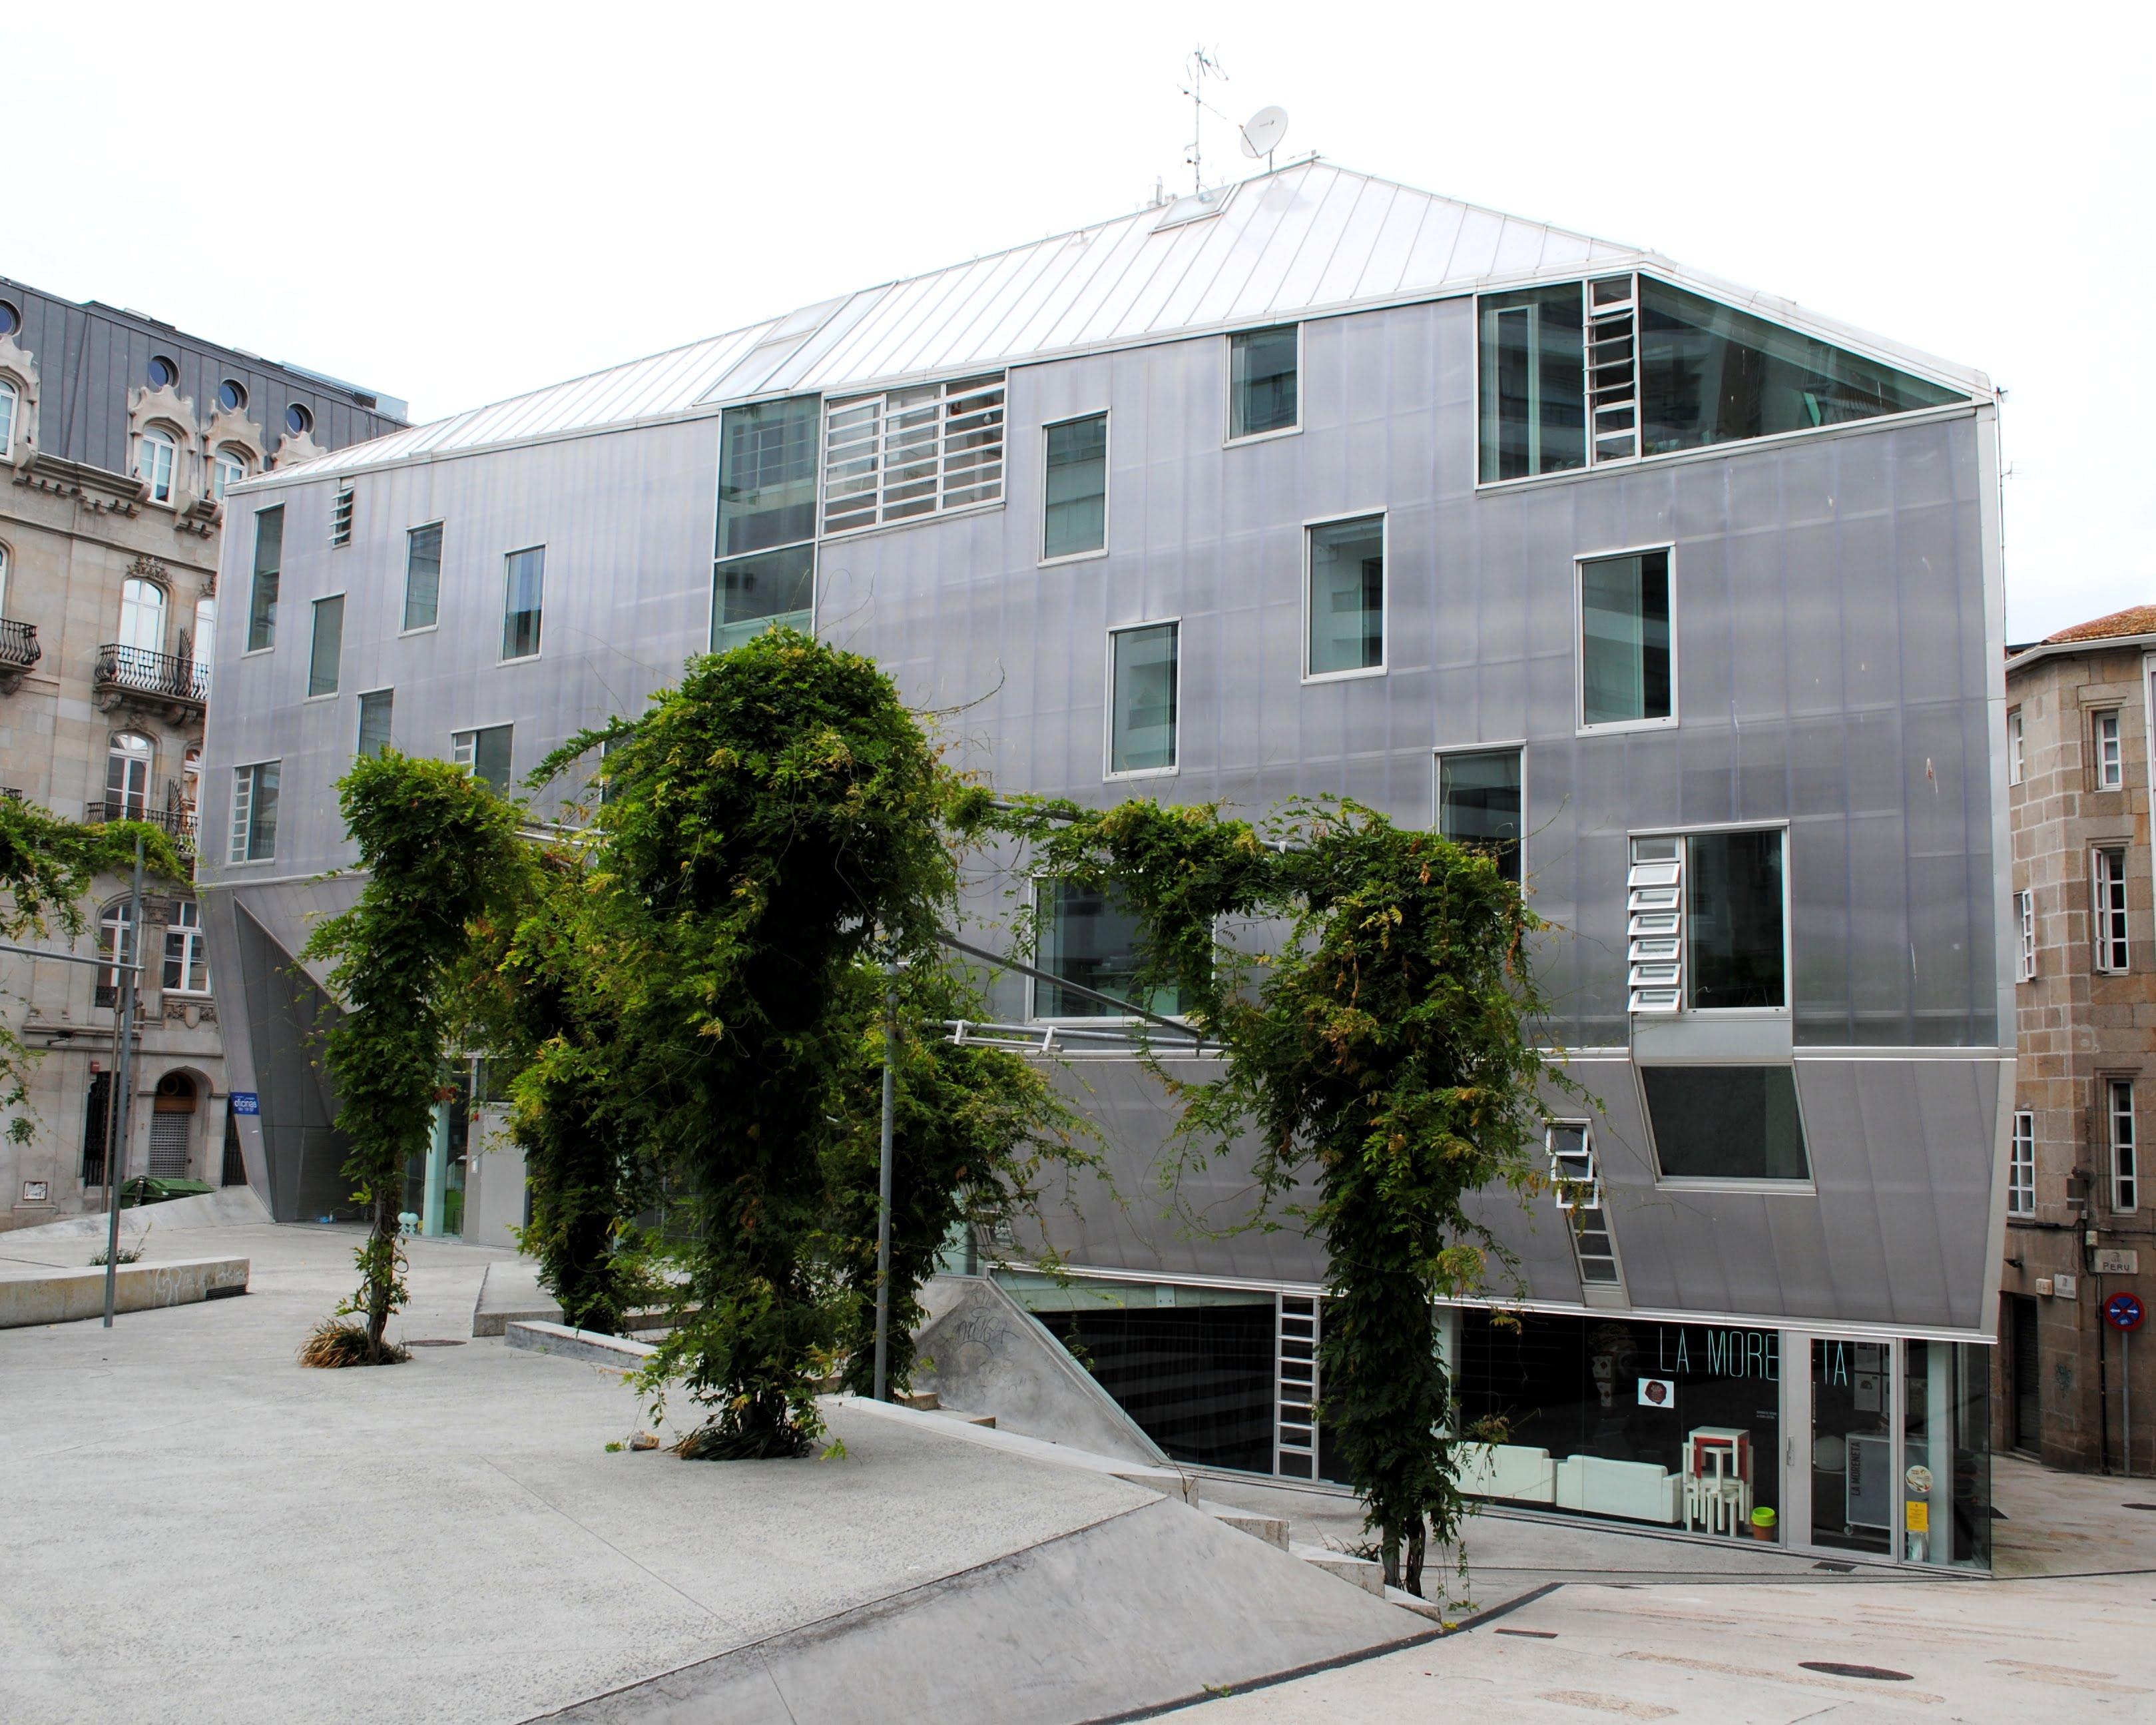 Sede colegio oficial de arquitectos vigo qu hacer en vigo - Colegio monterrey vigo ...